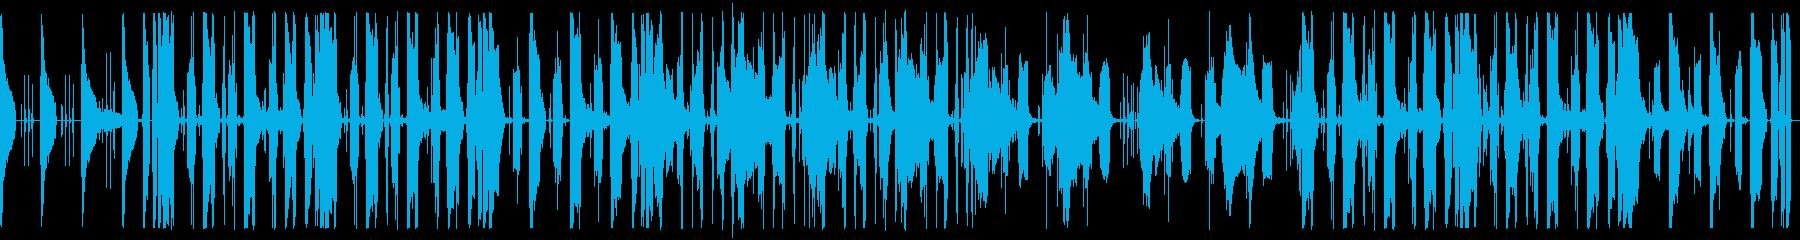 しっとりしたチルホップの再生済みの波形